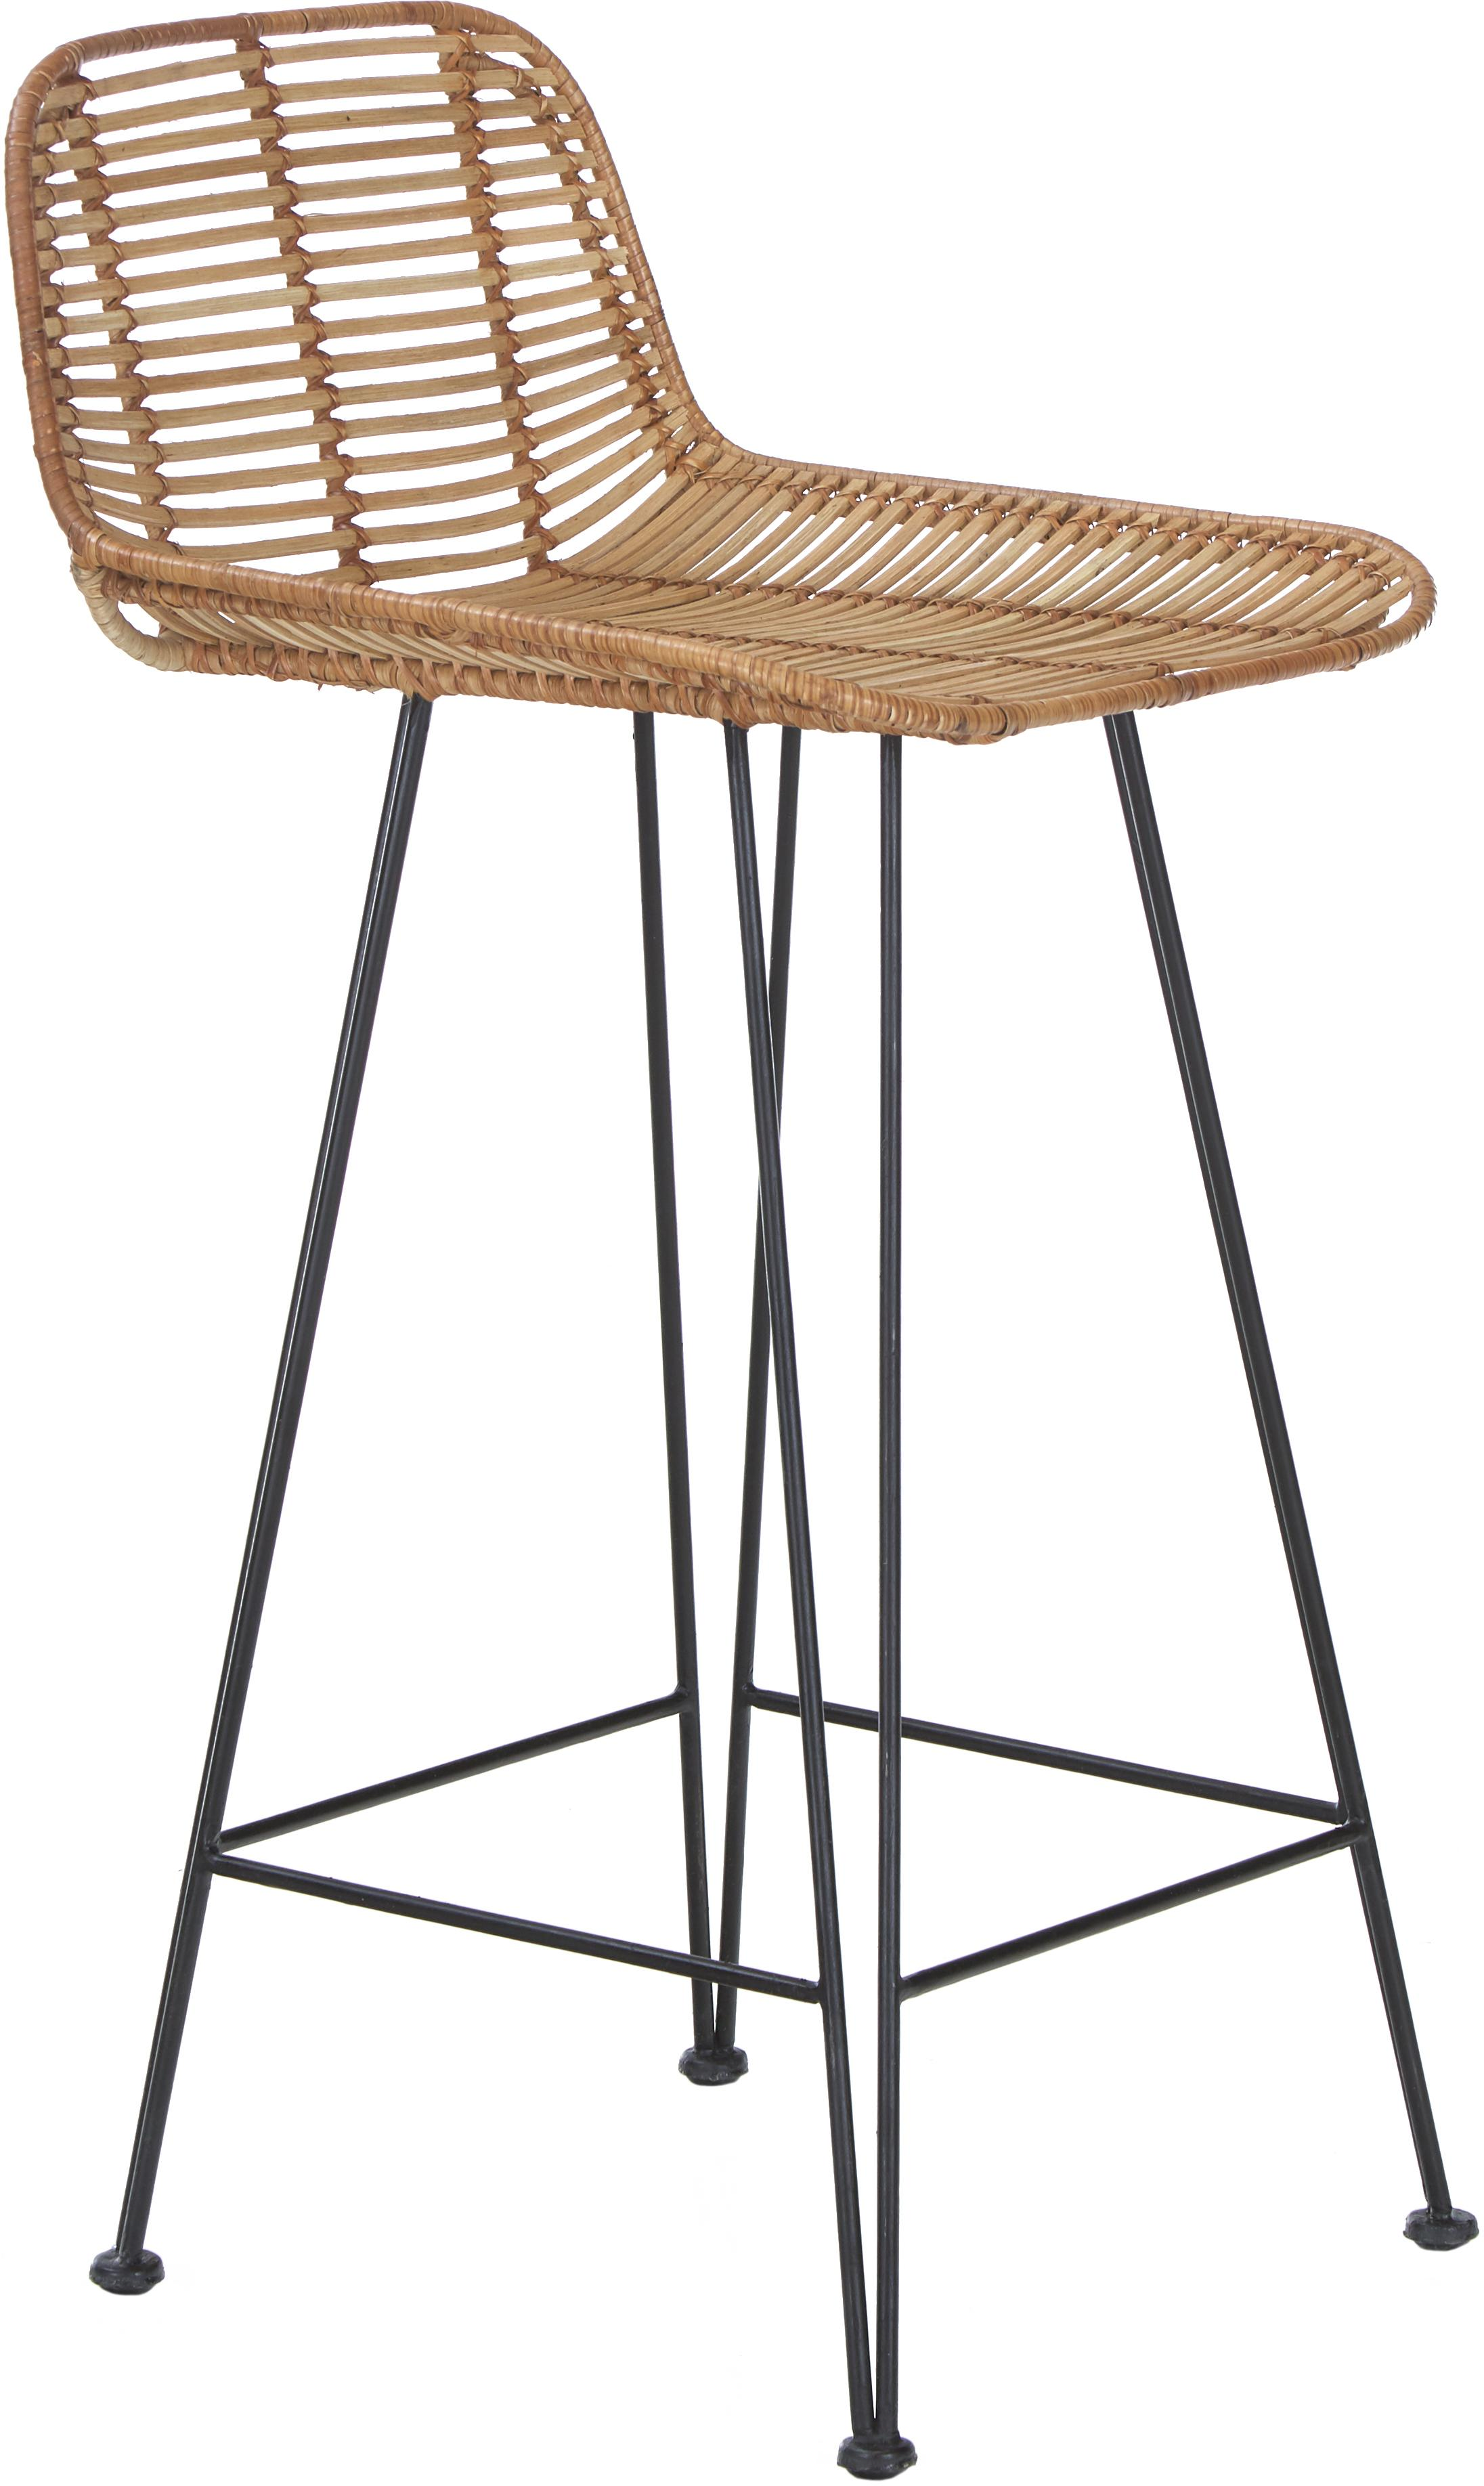 Rattan-Thekenstuhl Blind, Beine: Metall, pulverbeschichtet, Sitzschale: Rattan, Rattan, Schwarz, 42 x 89 cm